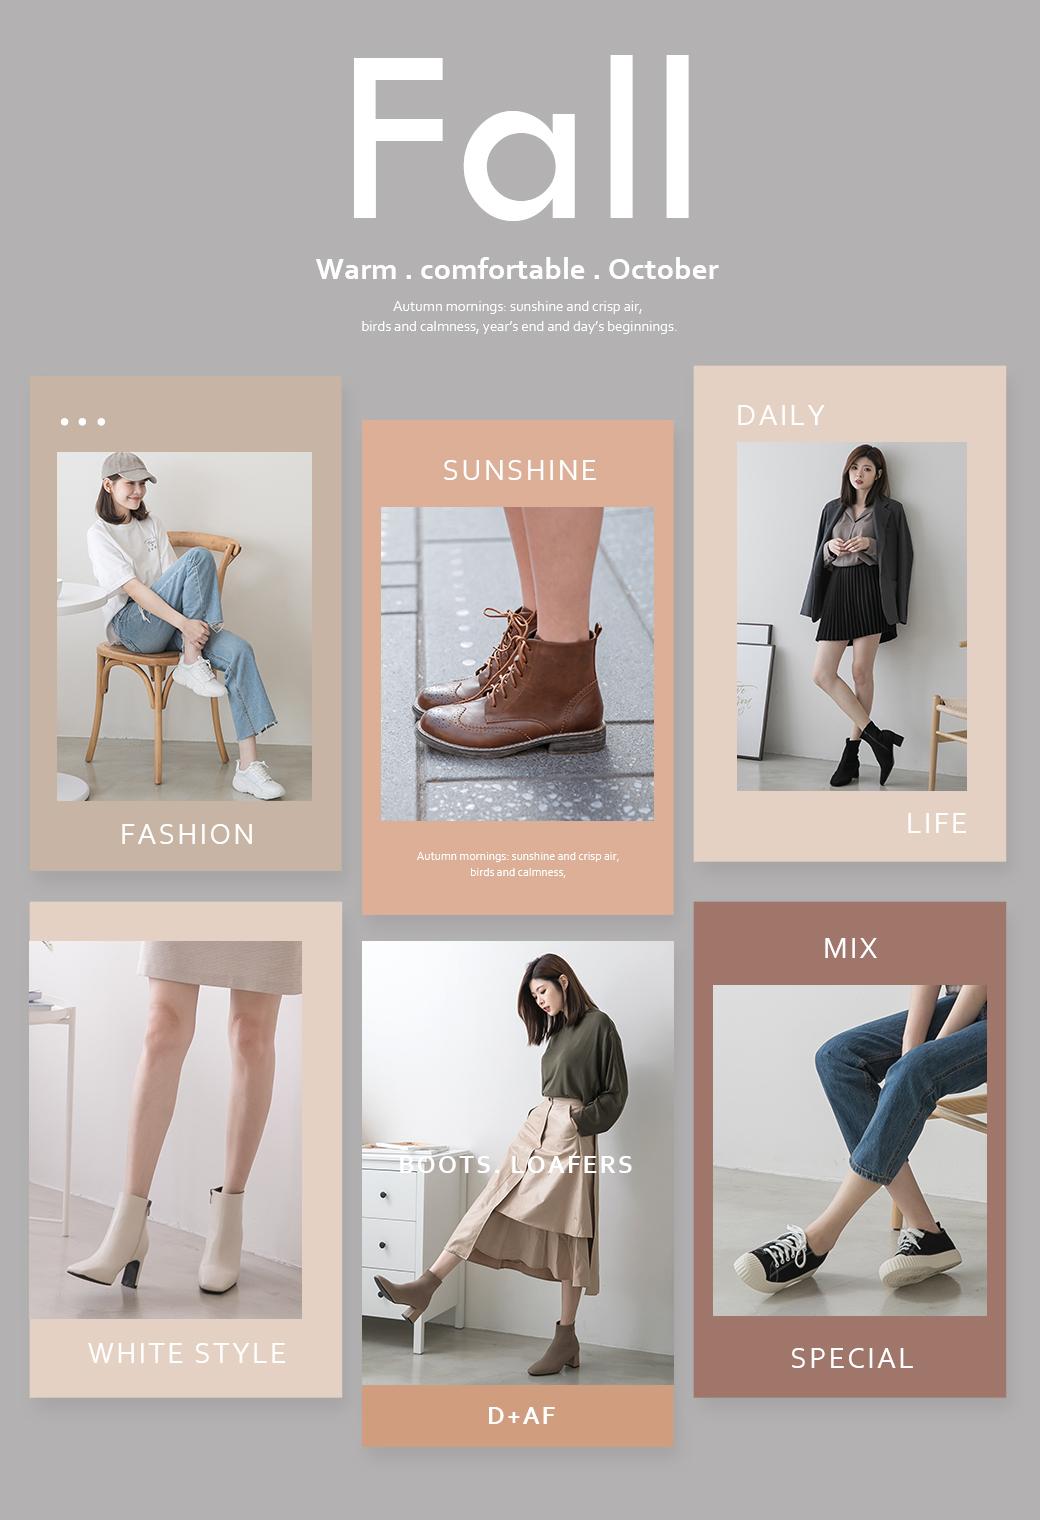 D+AF 秋冬靴 方頭靴 皮革靴 方頭皮革靴 靴子